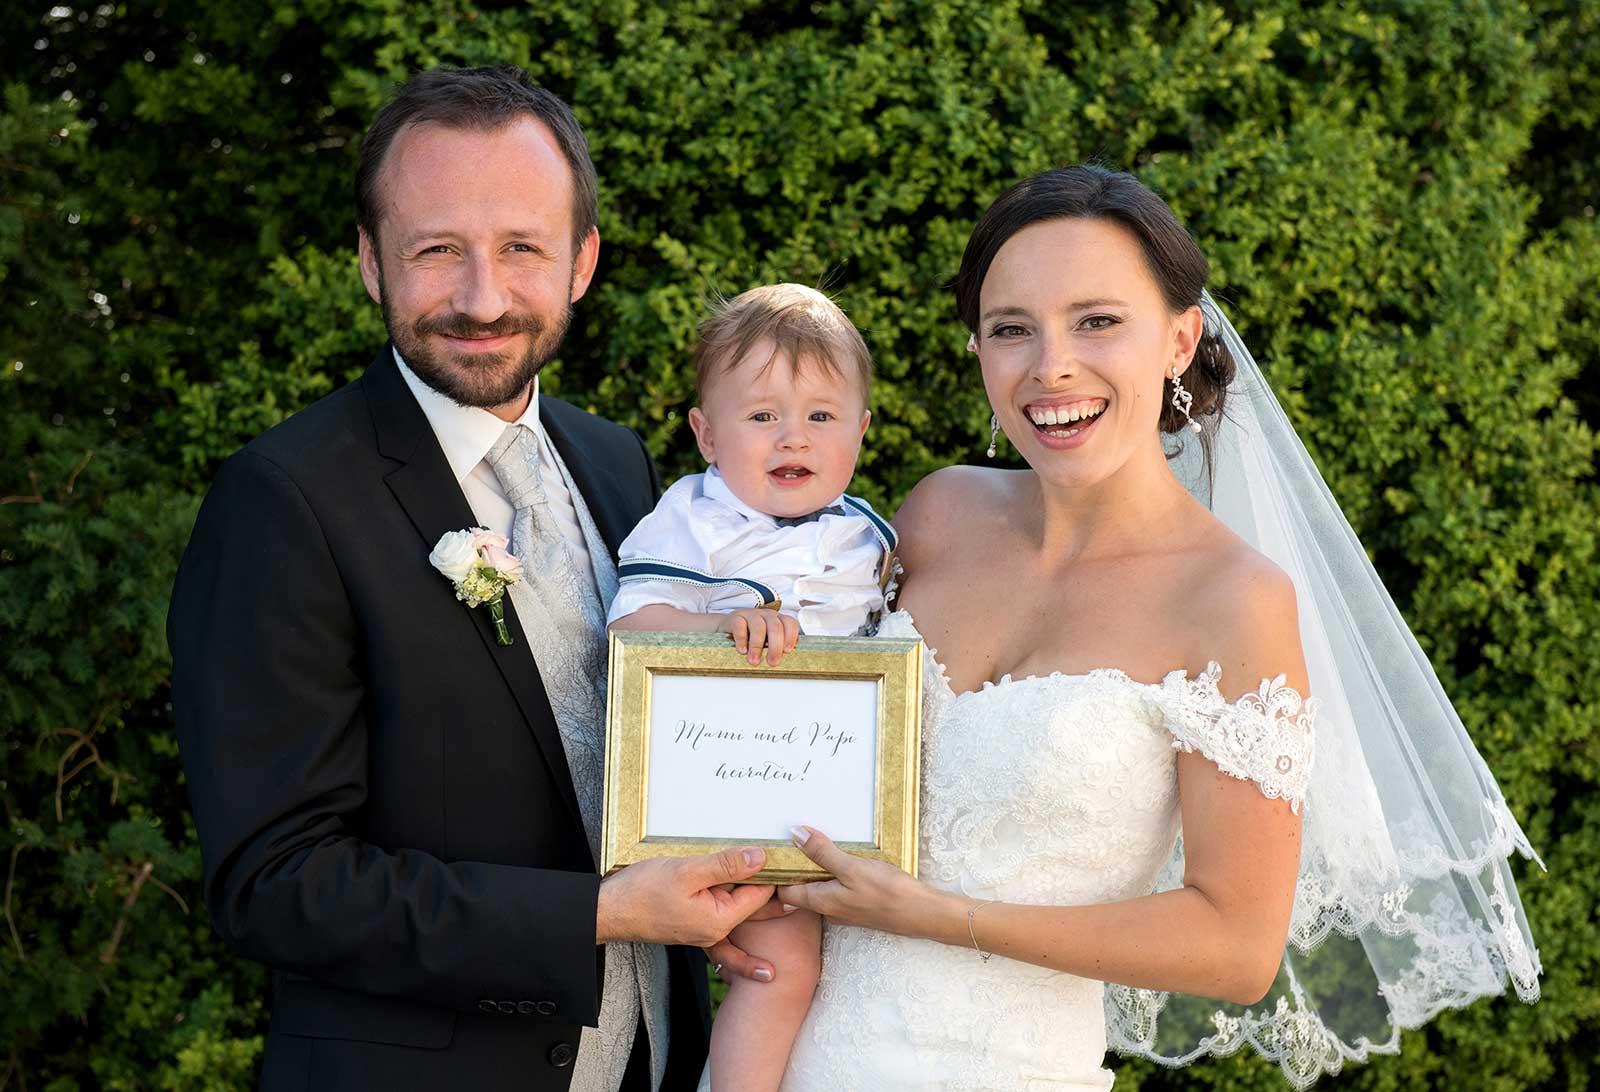 28 Brautigam und Braut am Traunsee gmunden